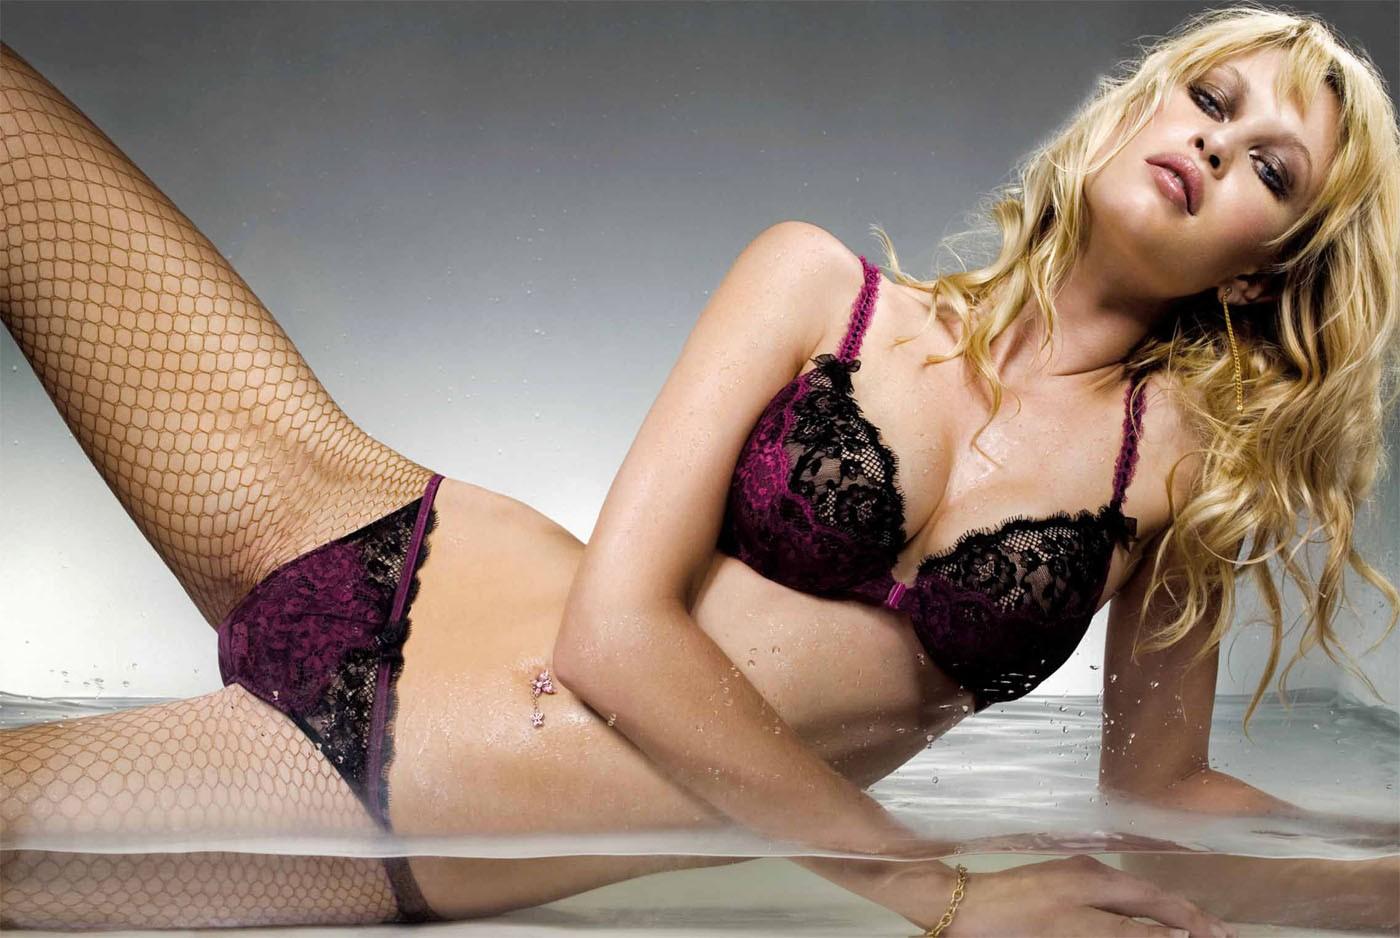 http://3.bp.blogspot.com/-Q9dCNIiWrj4/Tf8e8MplUXI/AAAAAAAAAGg/w5CEUVn9gxo/s1600/Erotic+Girl+Wallpaper+sexy+body+%252819%2529.jpg